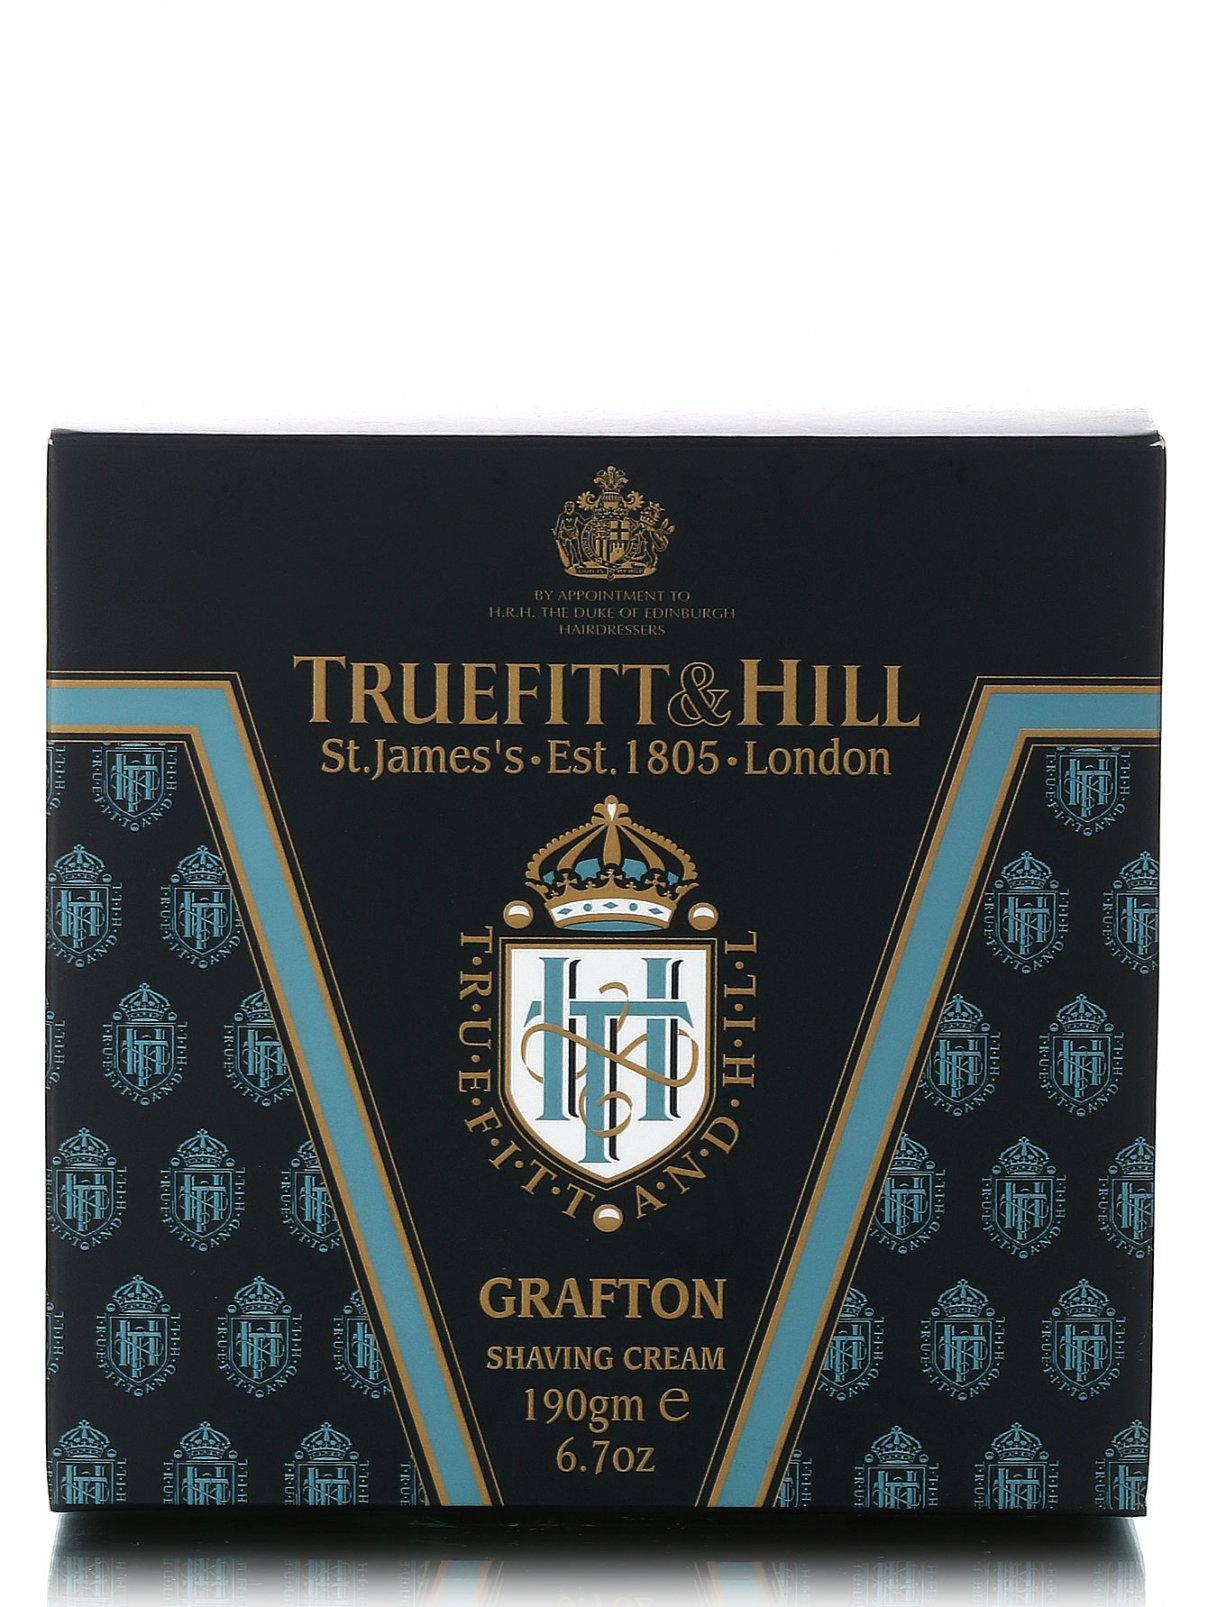 Крем для бритья в чаше - Grafton shaving cream Truefitt & Hill  –  Модель Общий вид